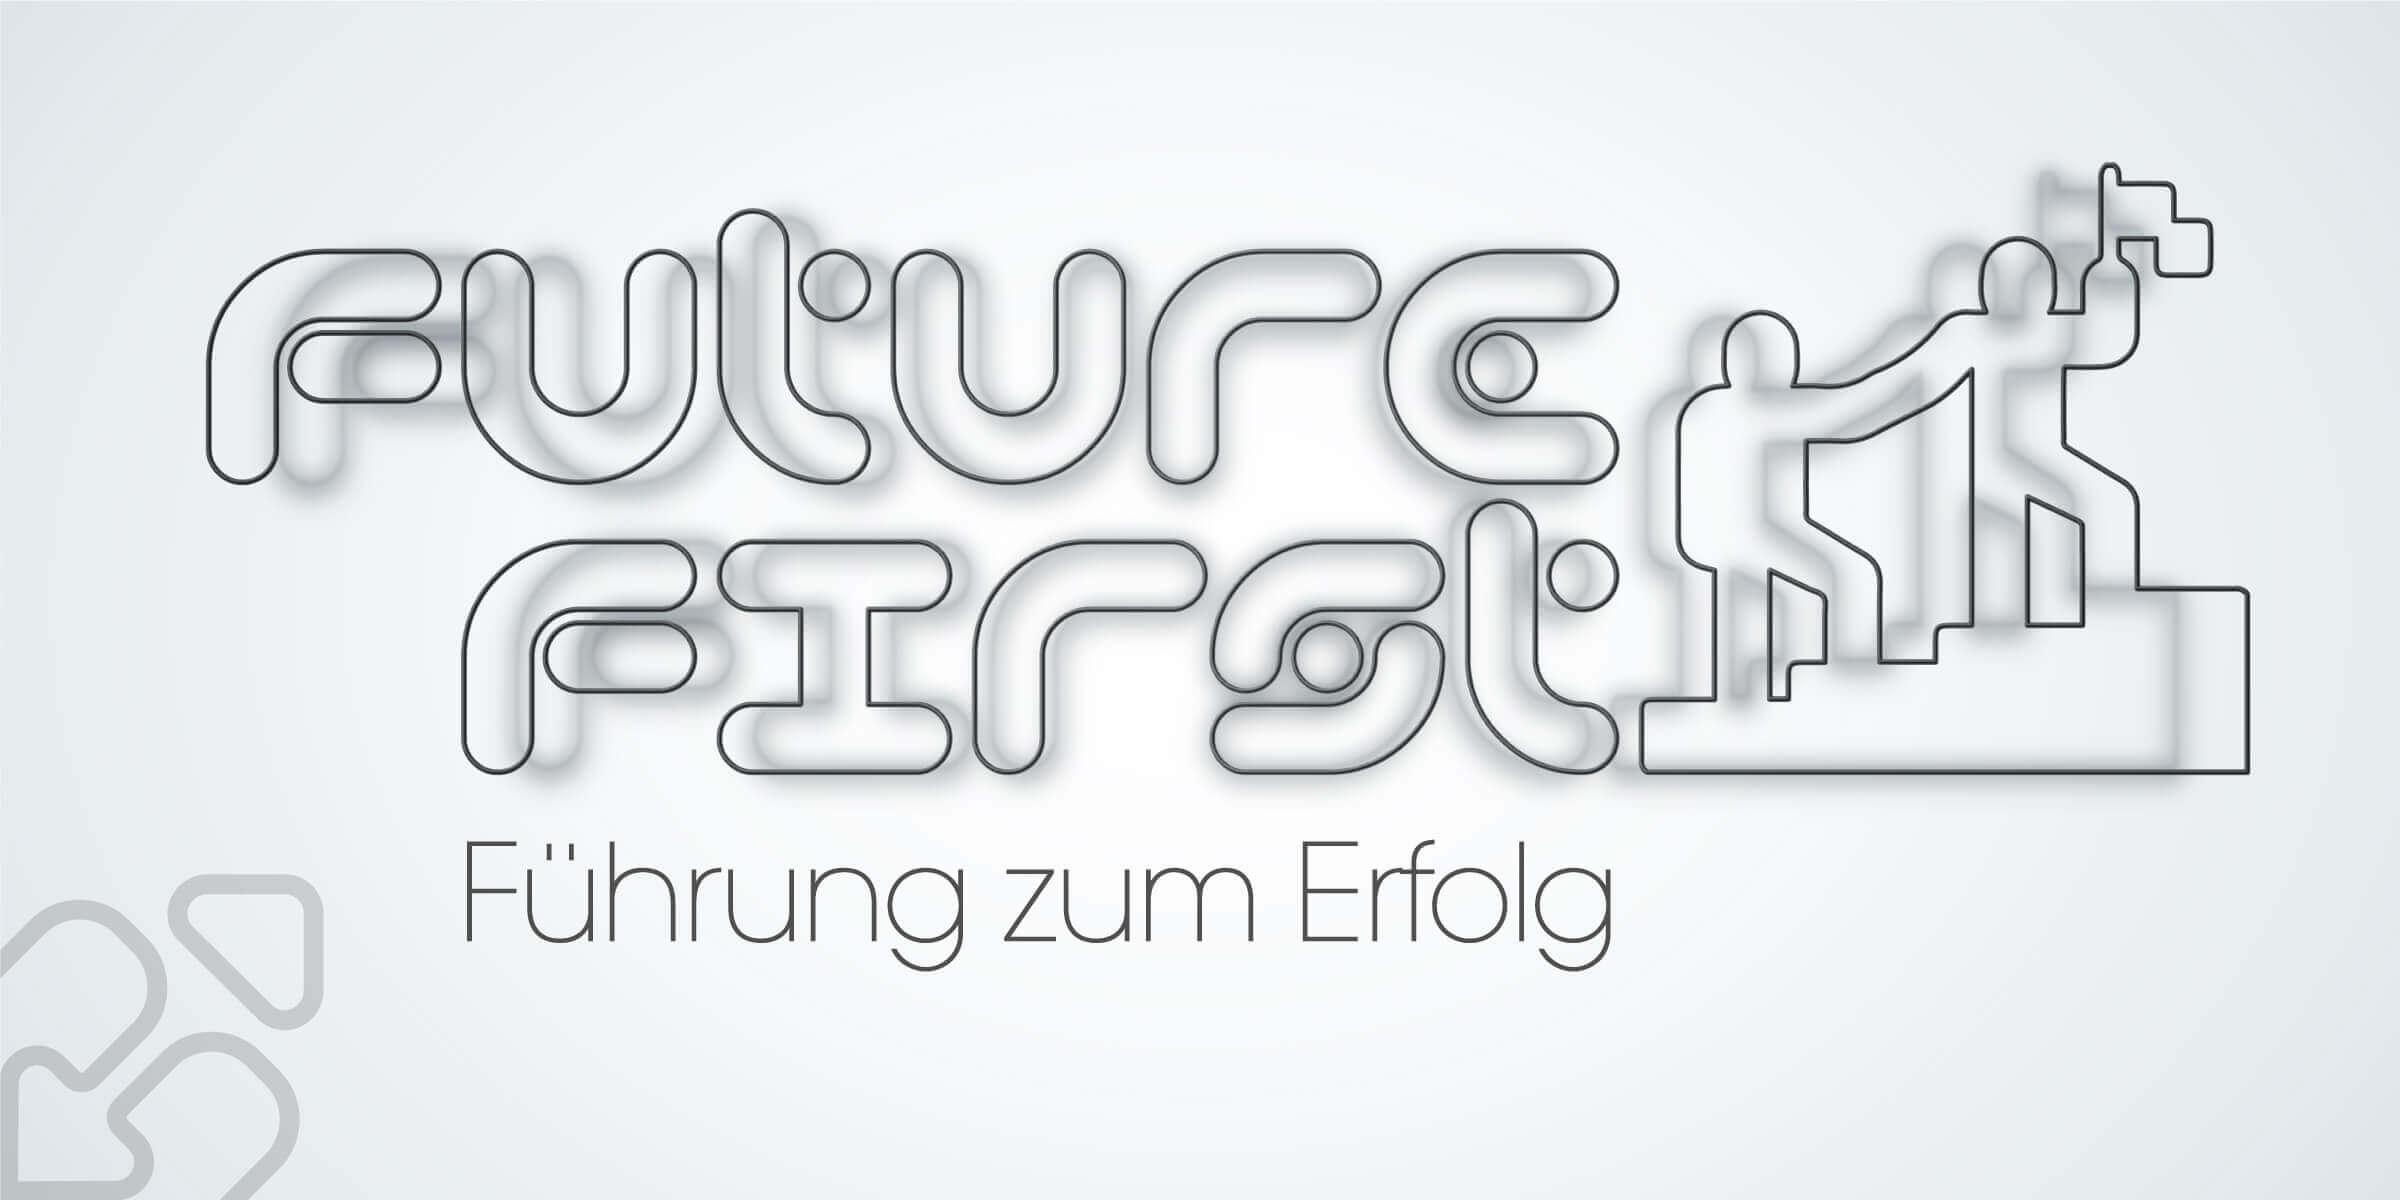 Future First: Führen zum Erfolg